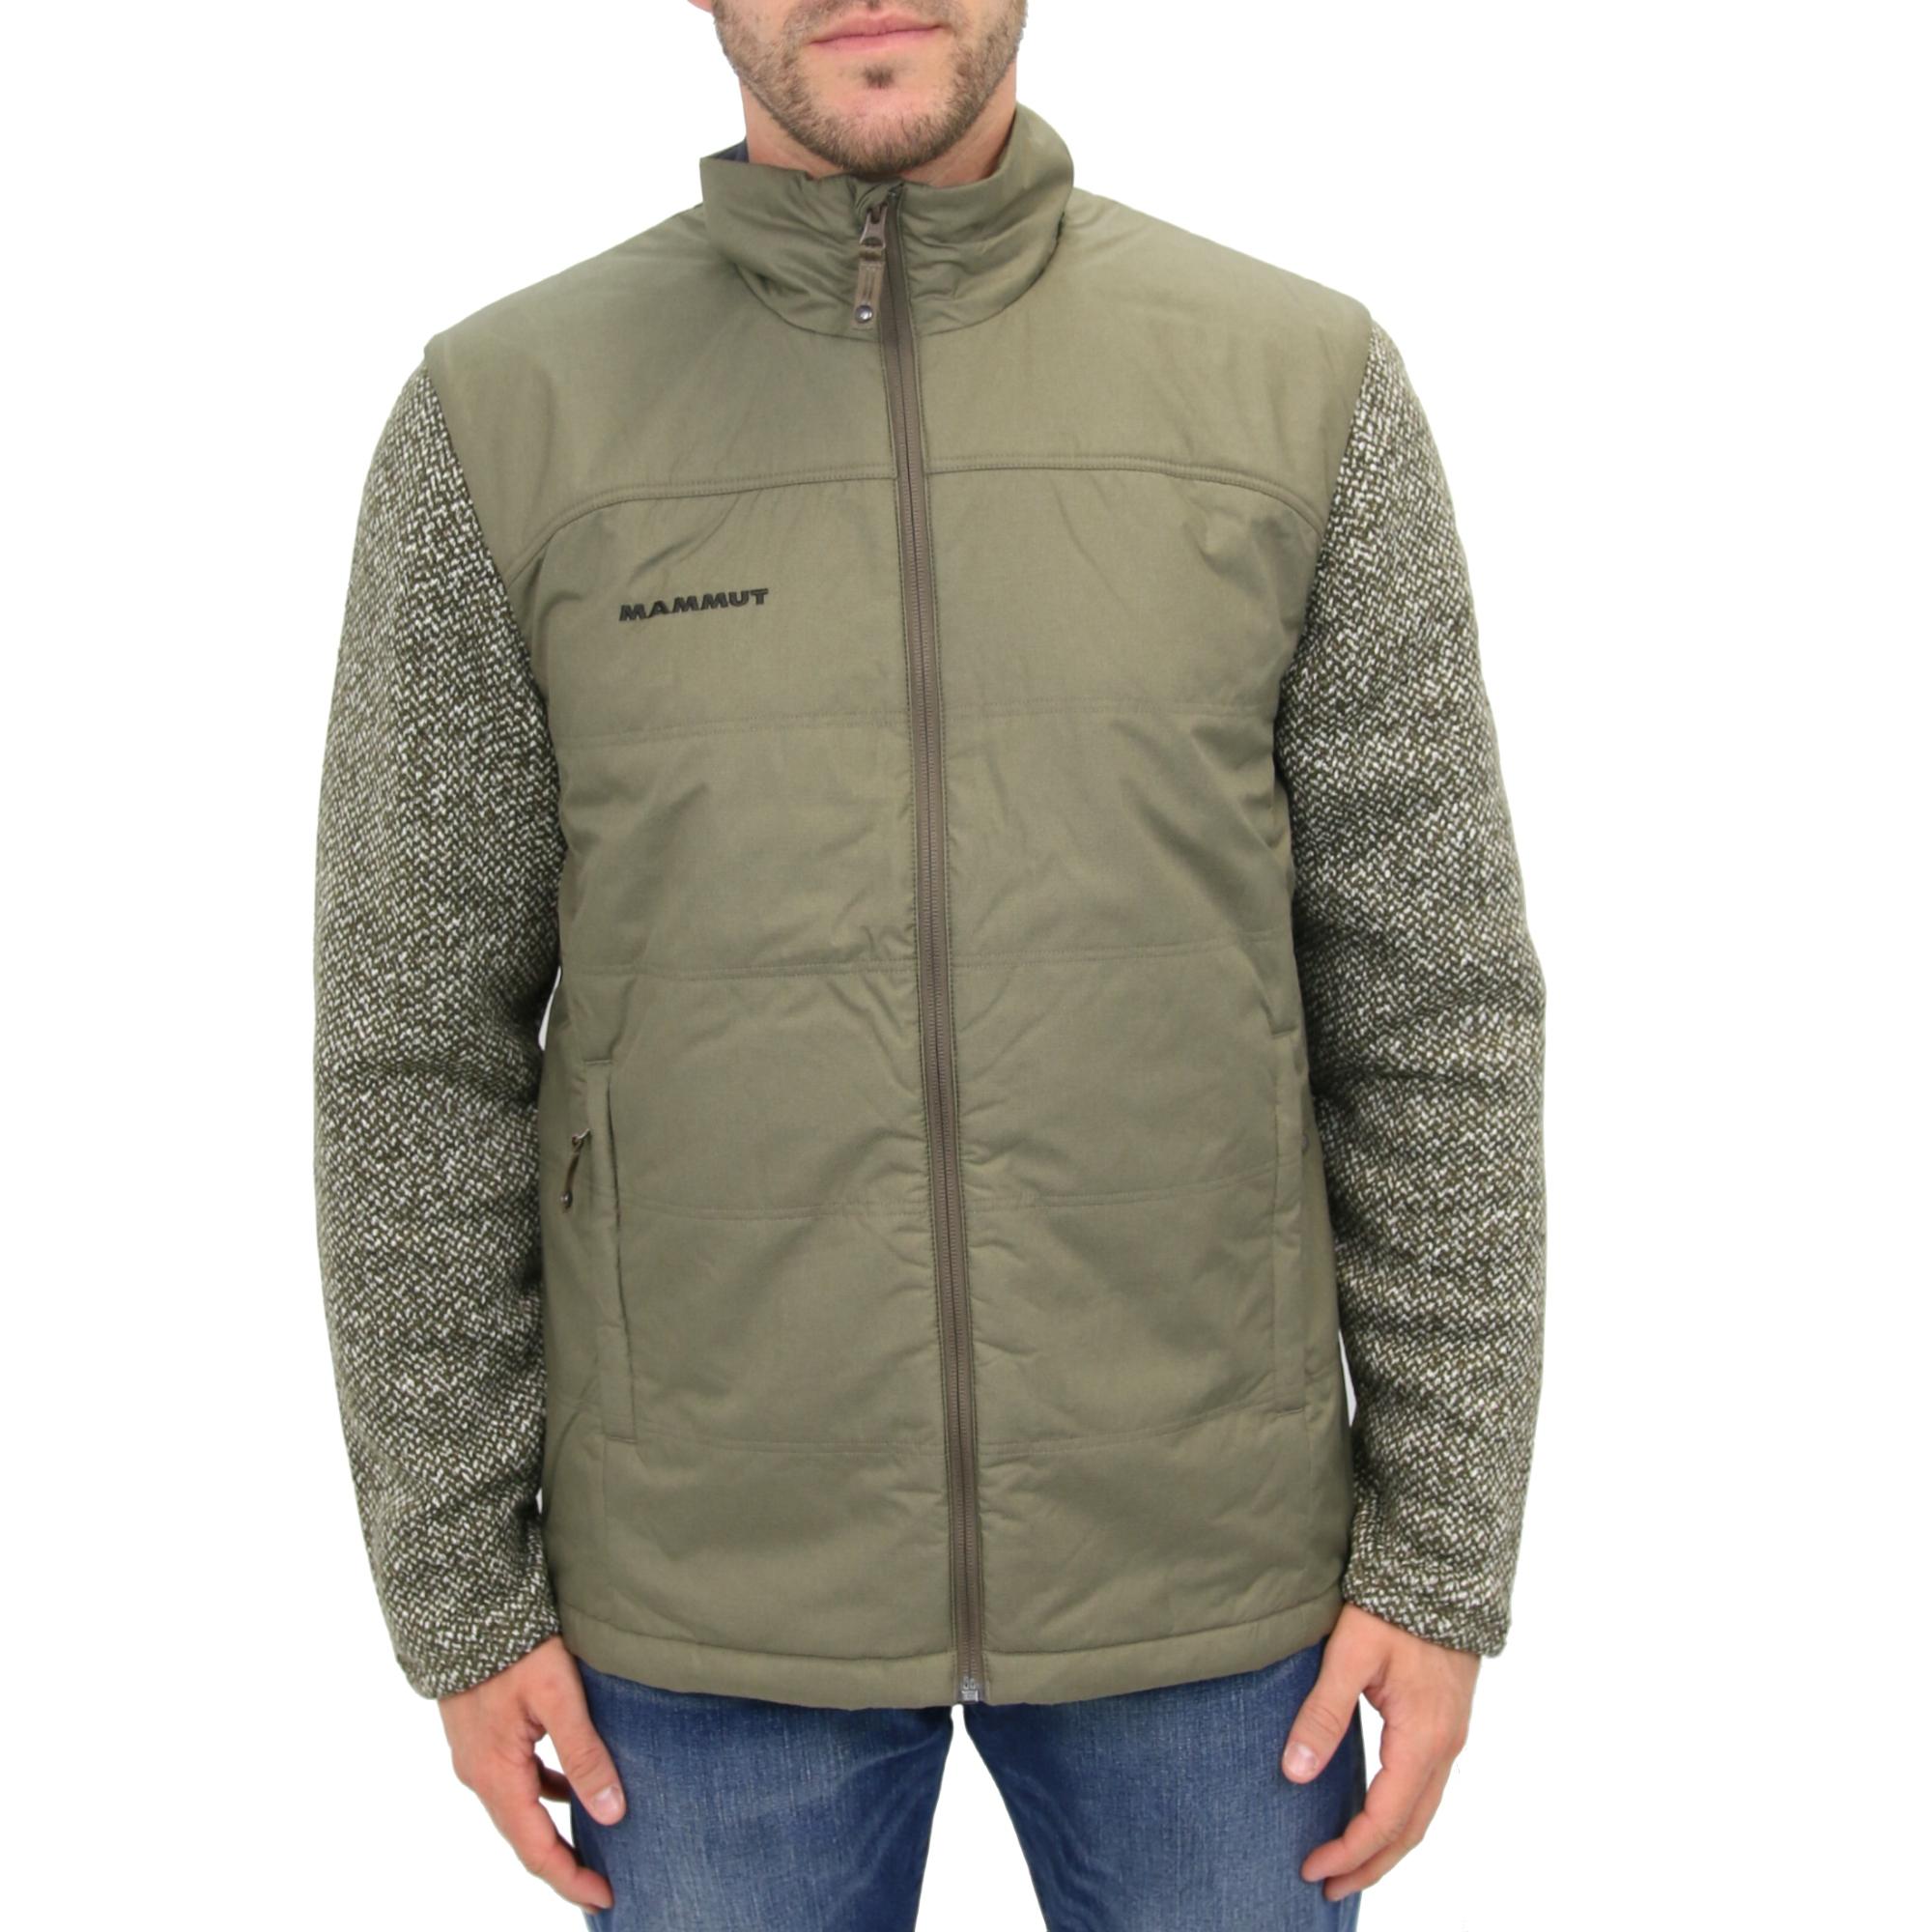 Mammut Trovat Advanced ML Jacket Jacke Winterjacke ...